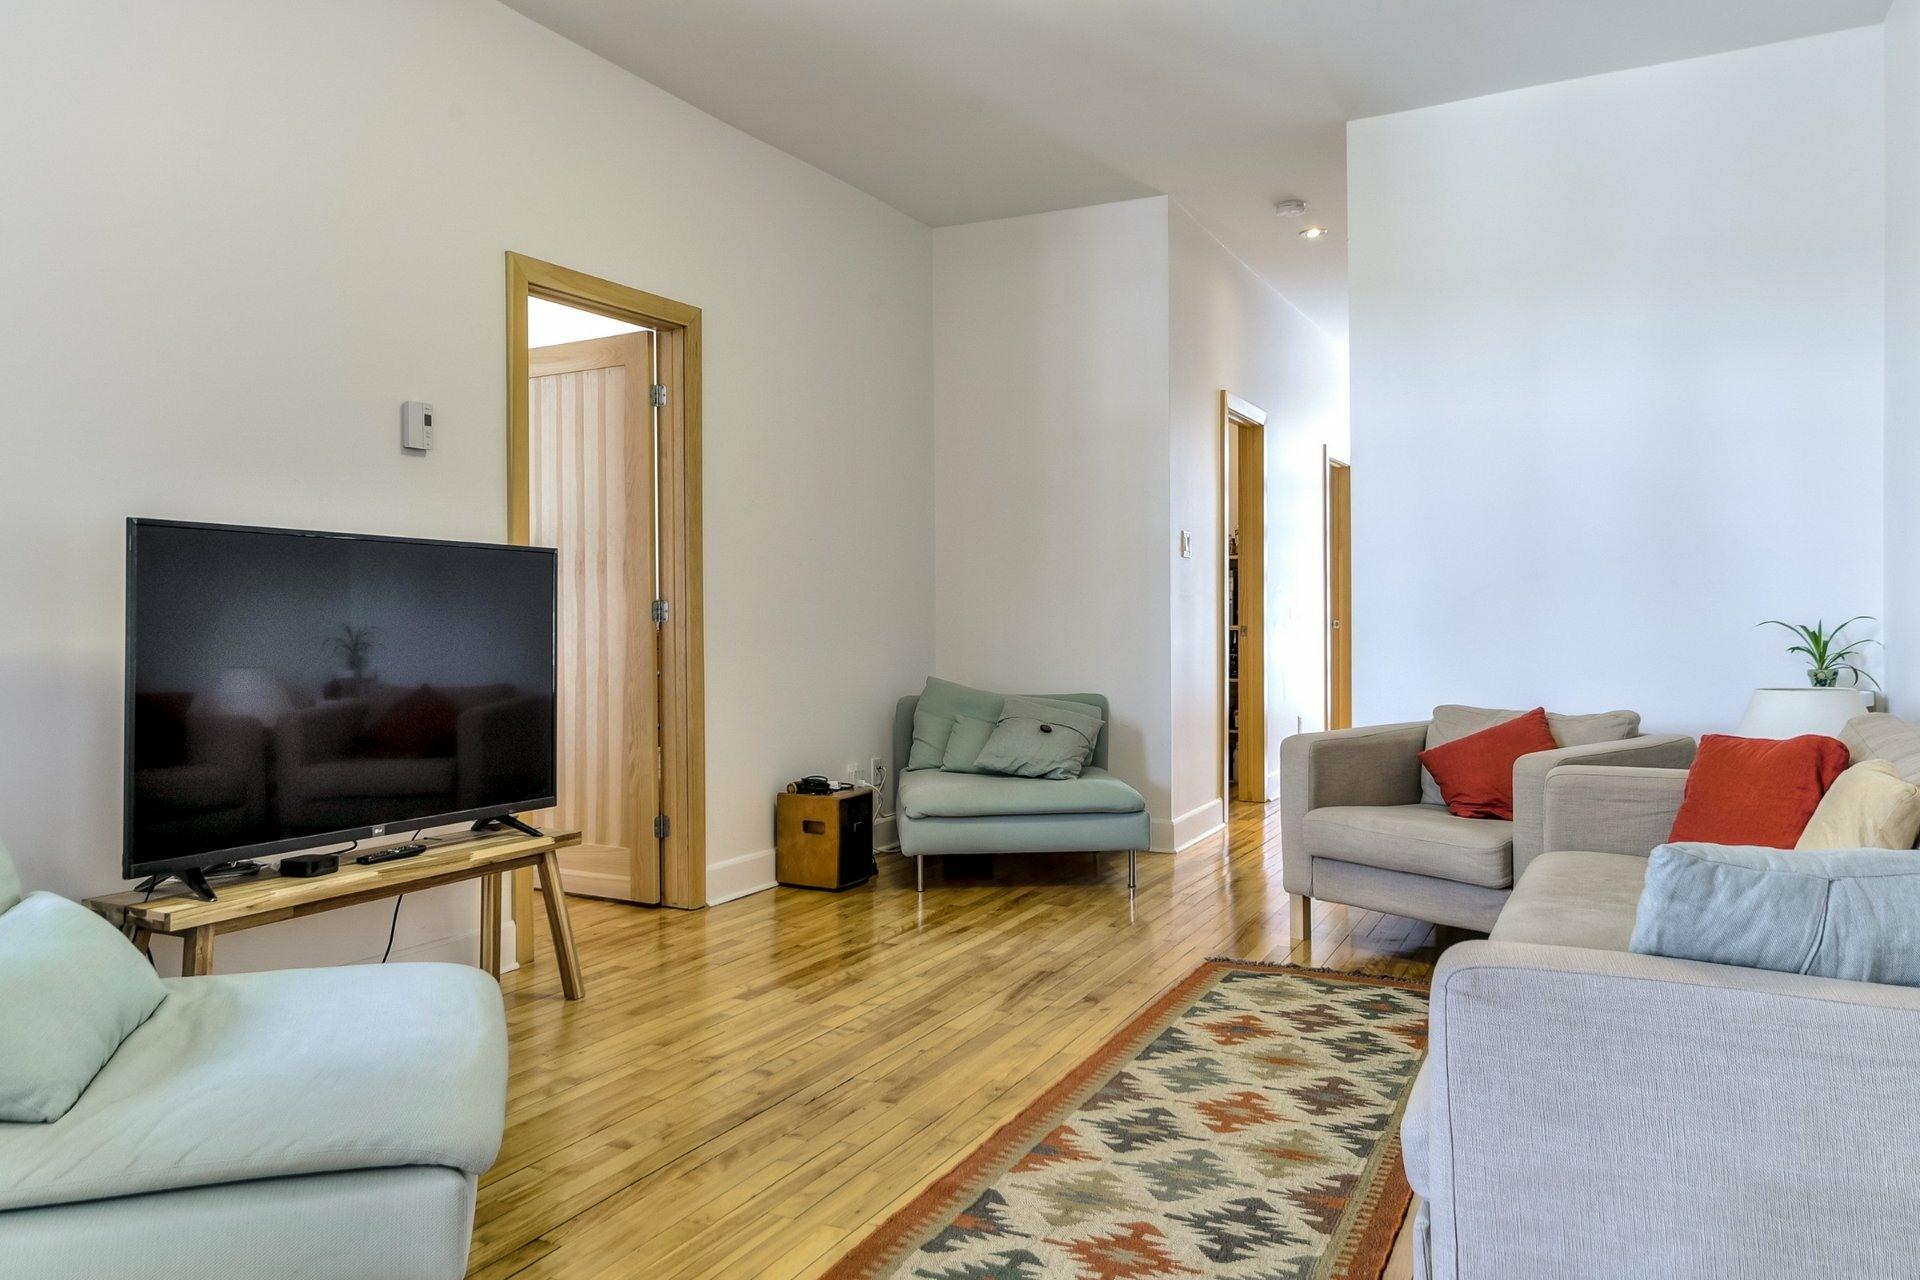 image 3 - Immeuble à revenus À vendre Montréal Le Plateau-Mont-Royal